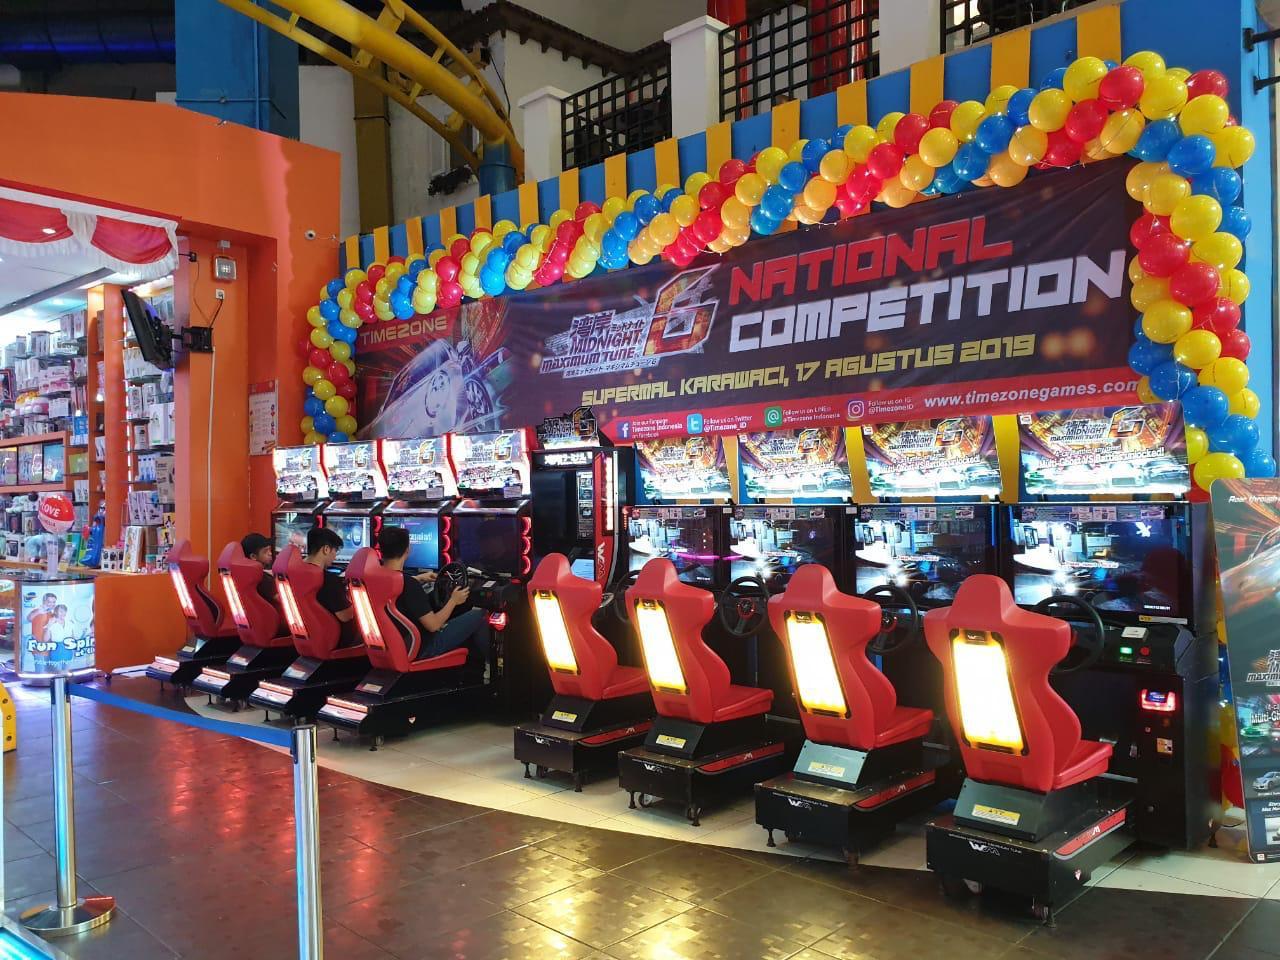 Timezone gelar kompetisi MT6, hadiahnya puluhan juta